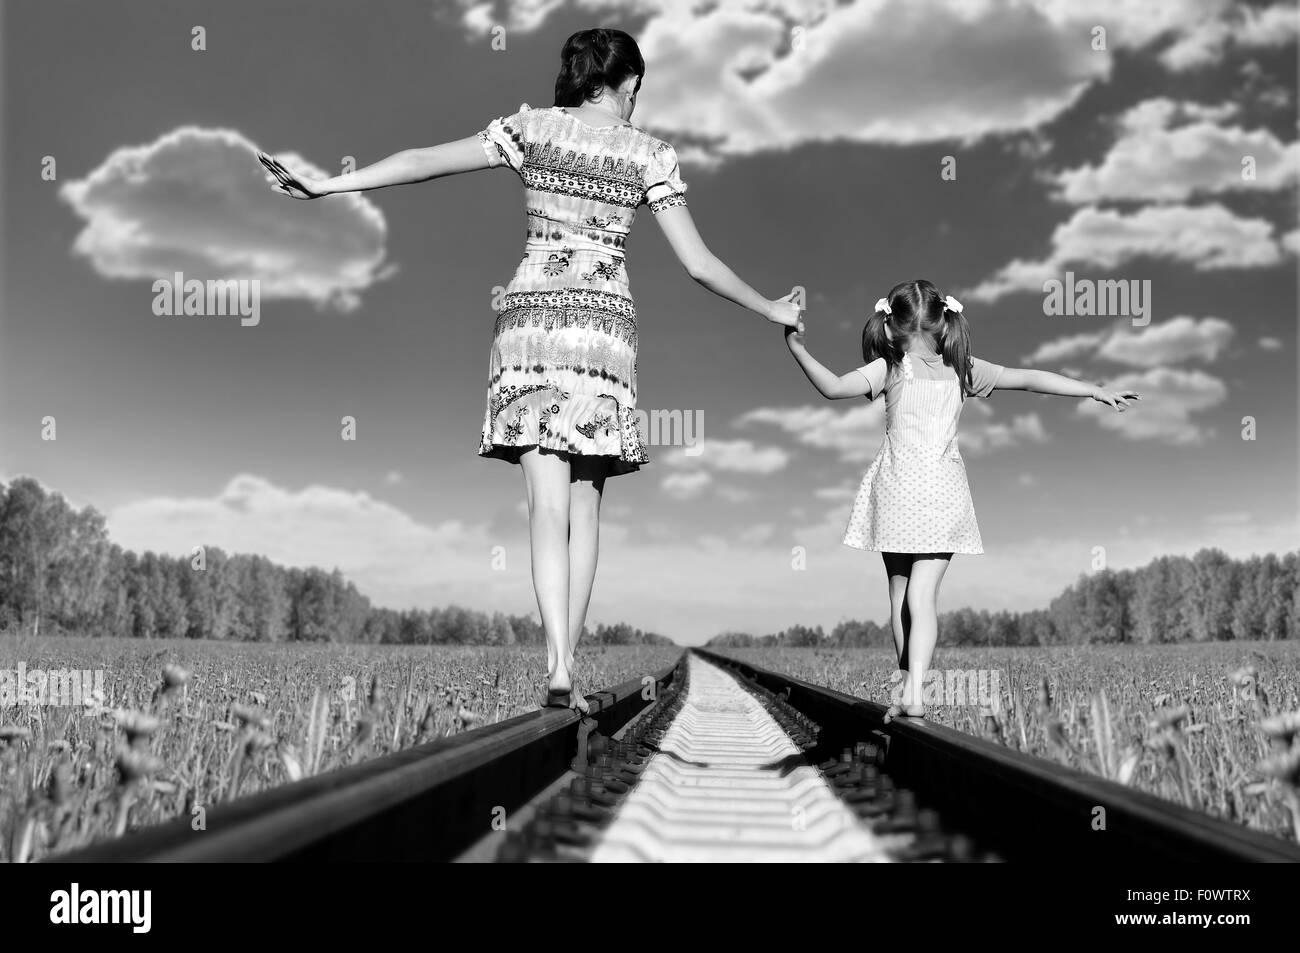 Mère avec la fille, rendez-vous sur rails, un retour à une caméra, dans le champ, à l'été Photo Stock